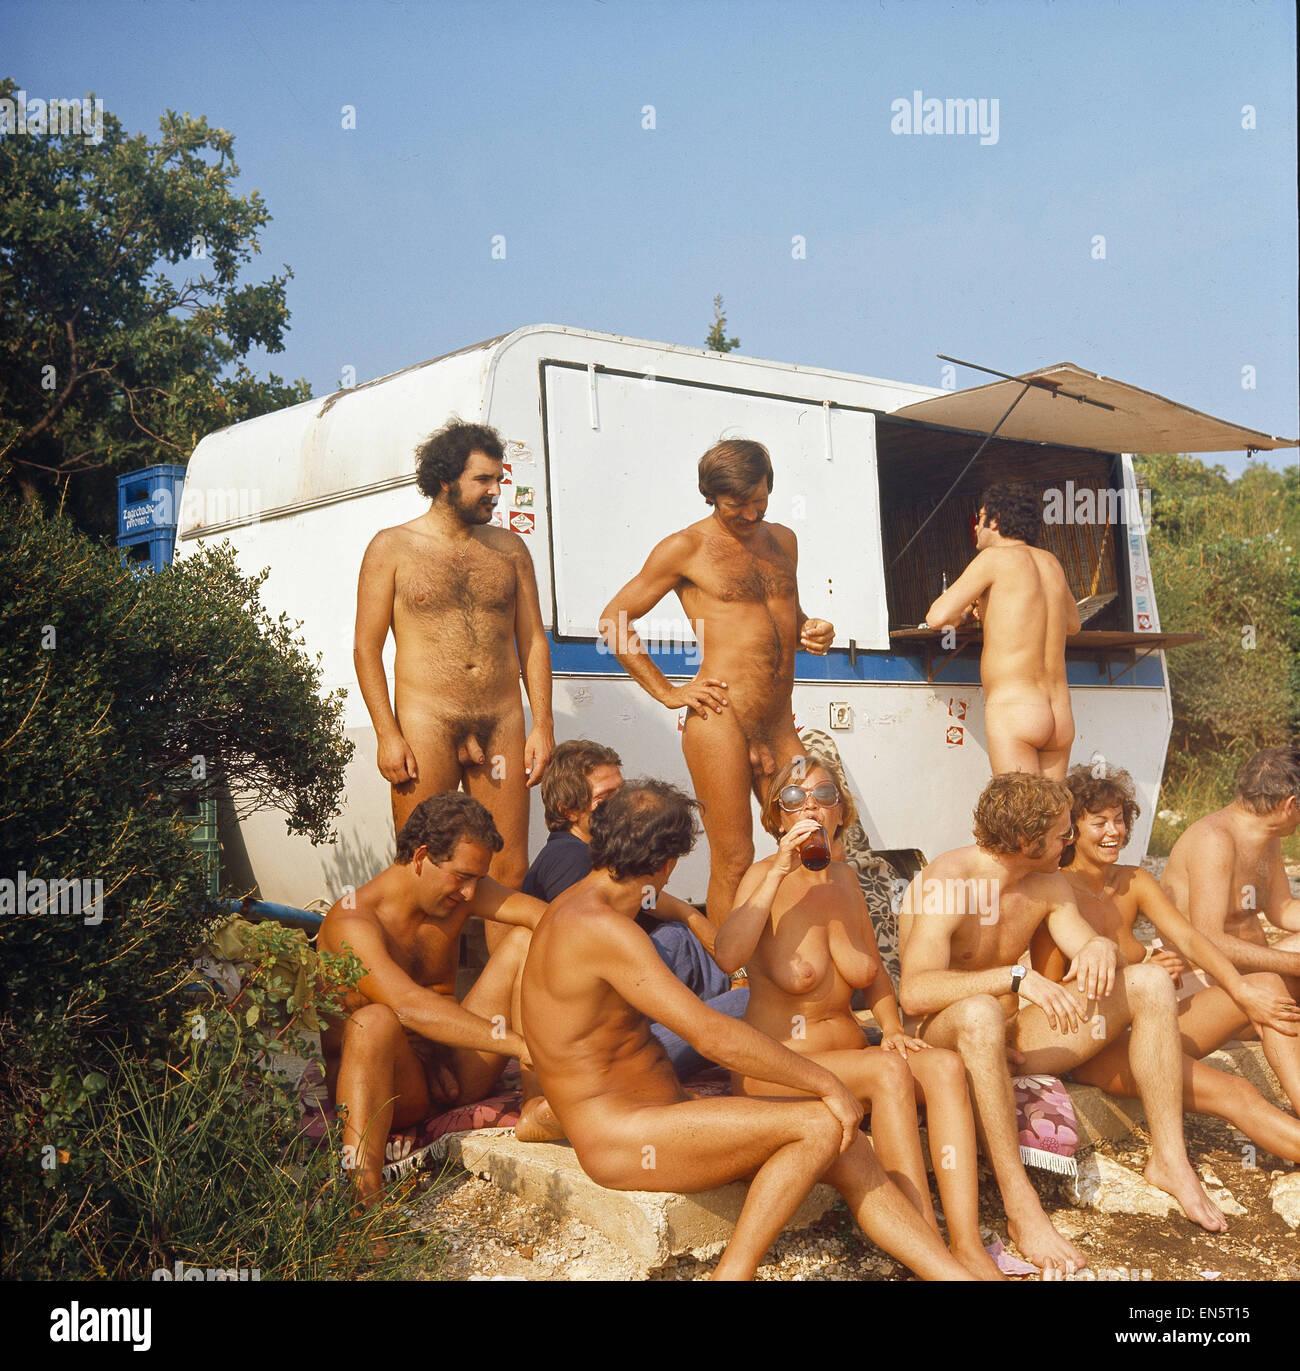 Fkk camping bilder